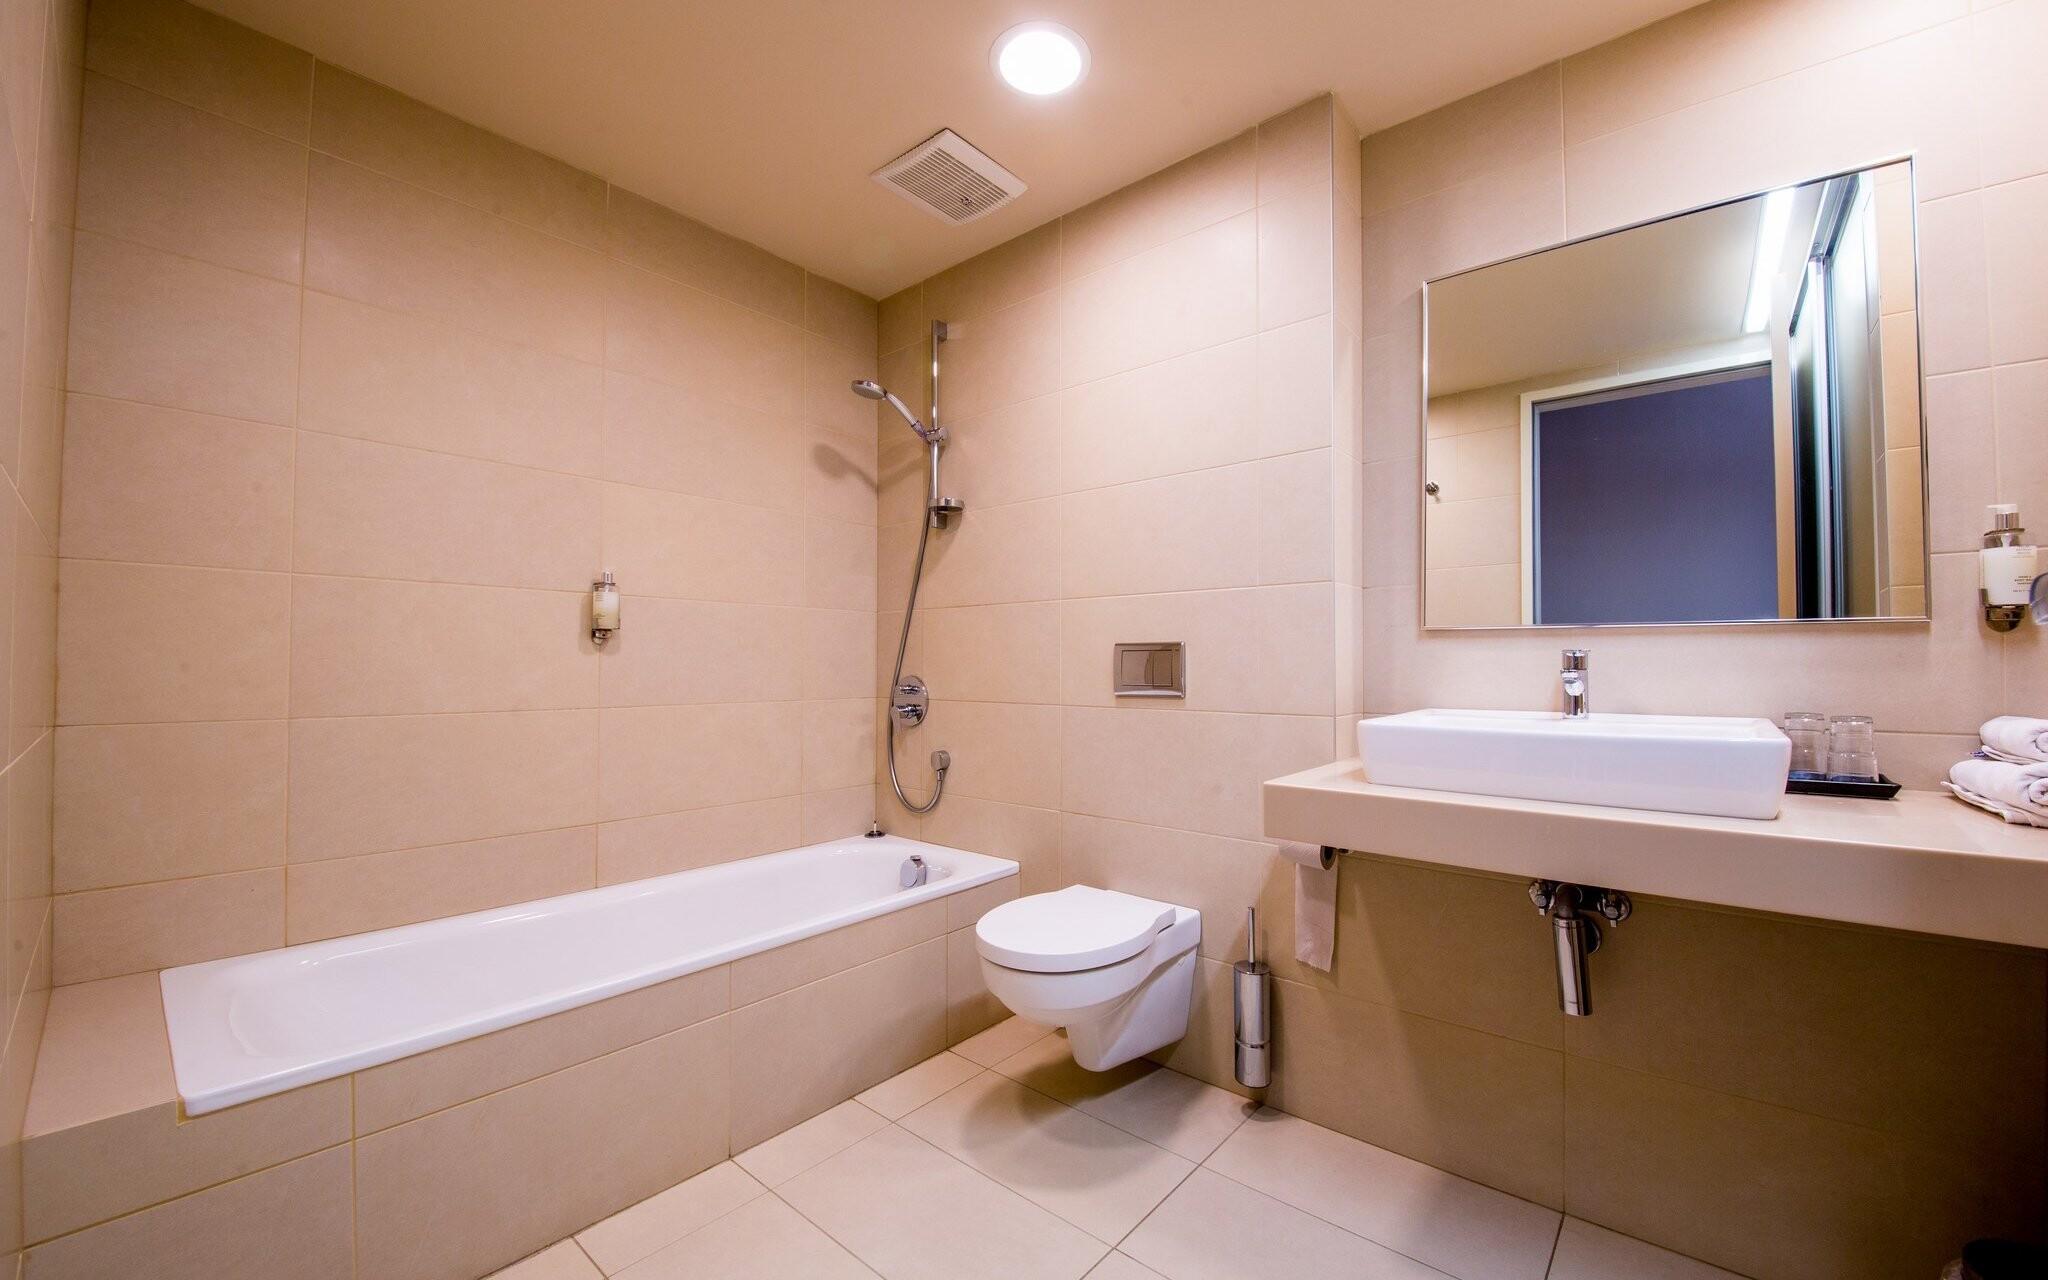 Každá izba má samozrejme vlastnú kúpeľňu